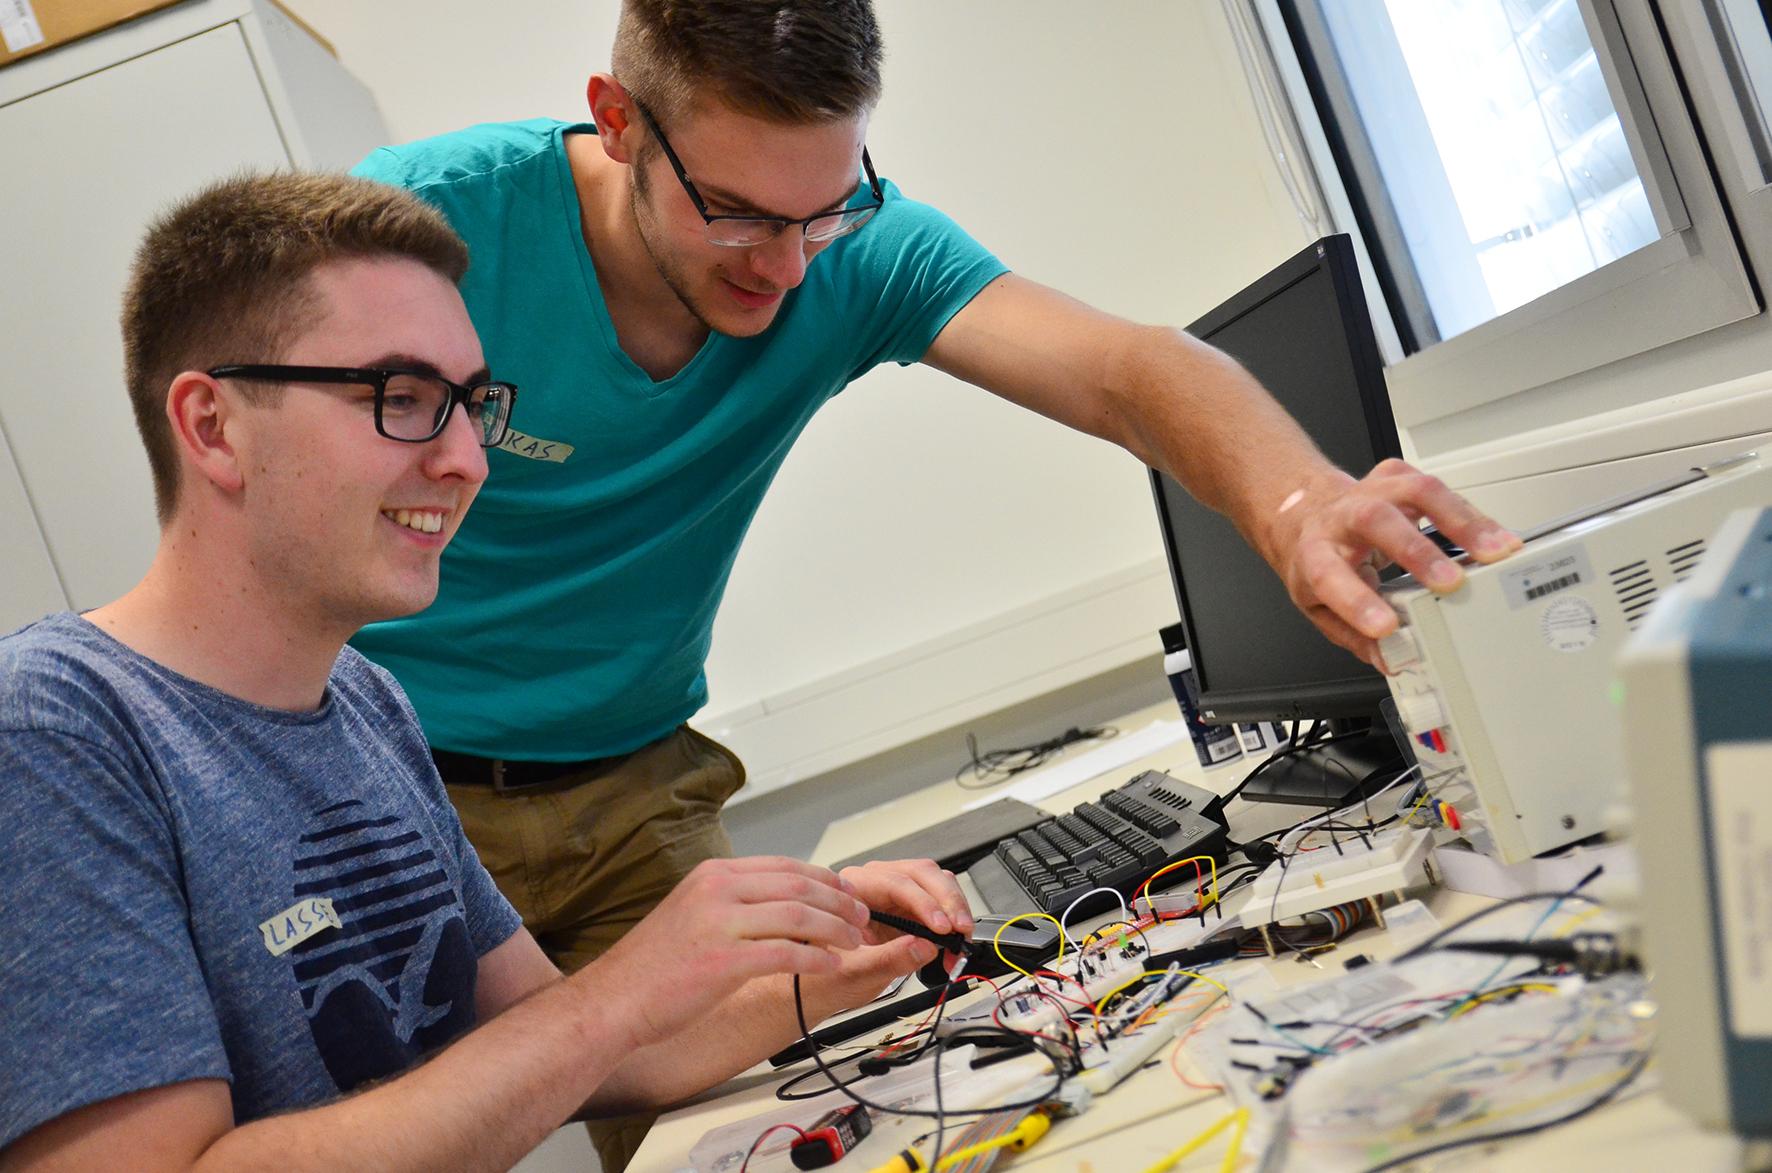 Gercken und Dülberg arbeiten am Computer mit Elektrotechnik